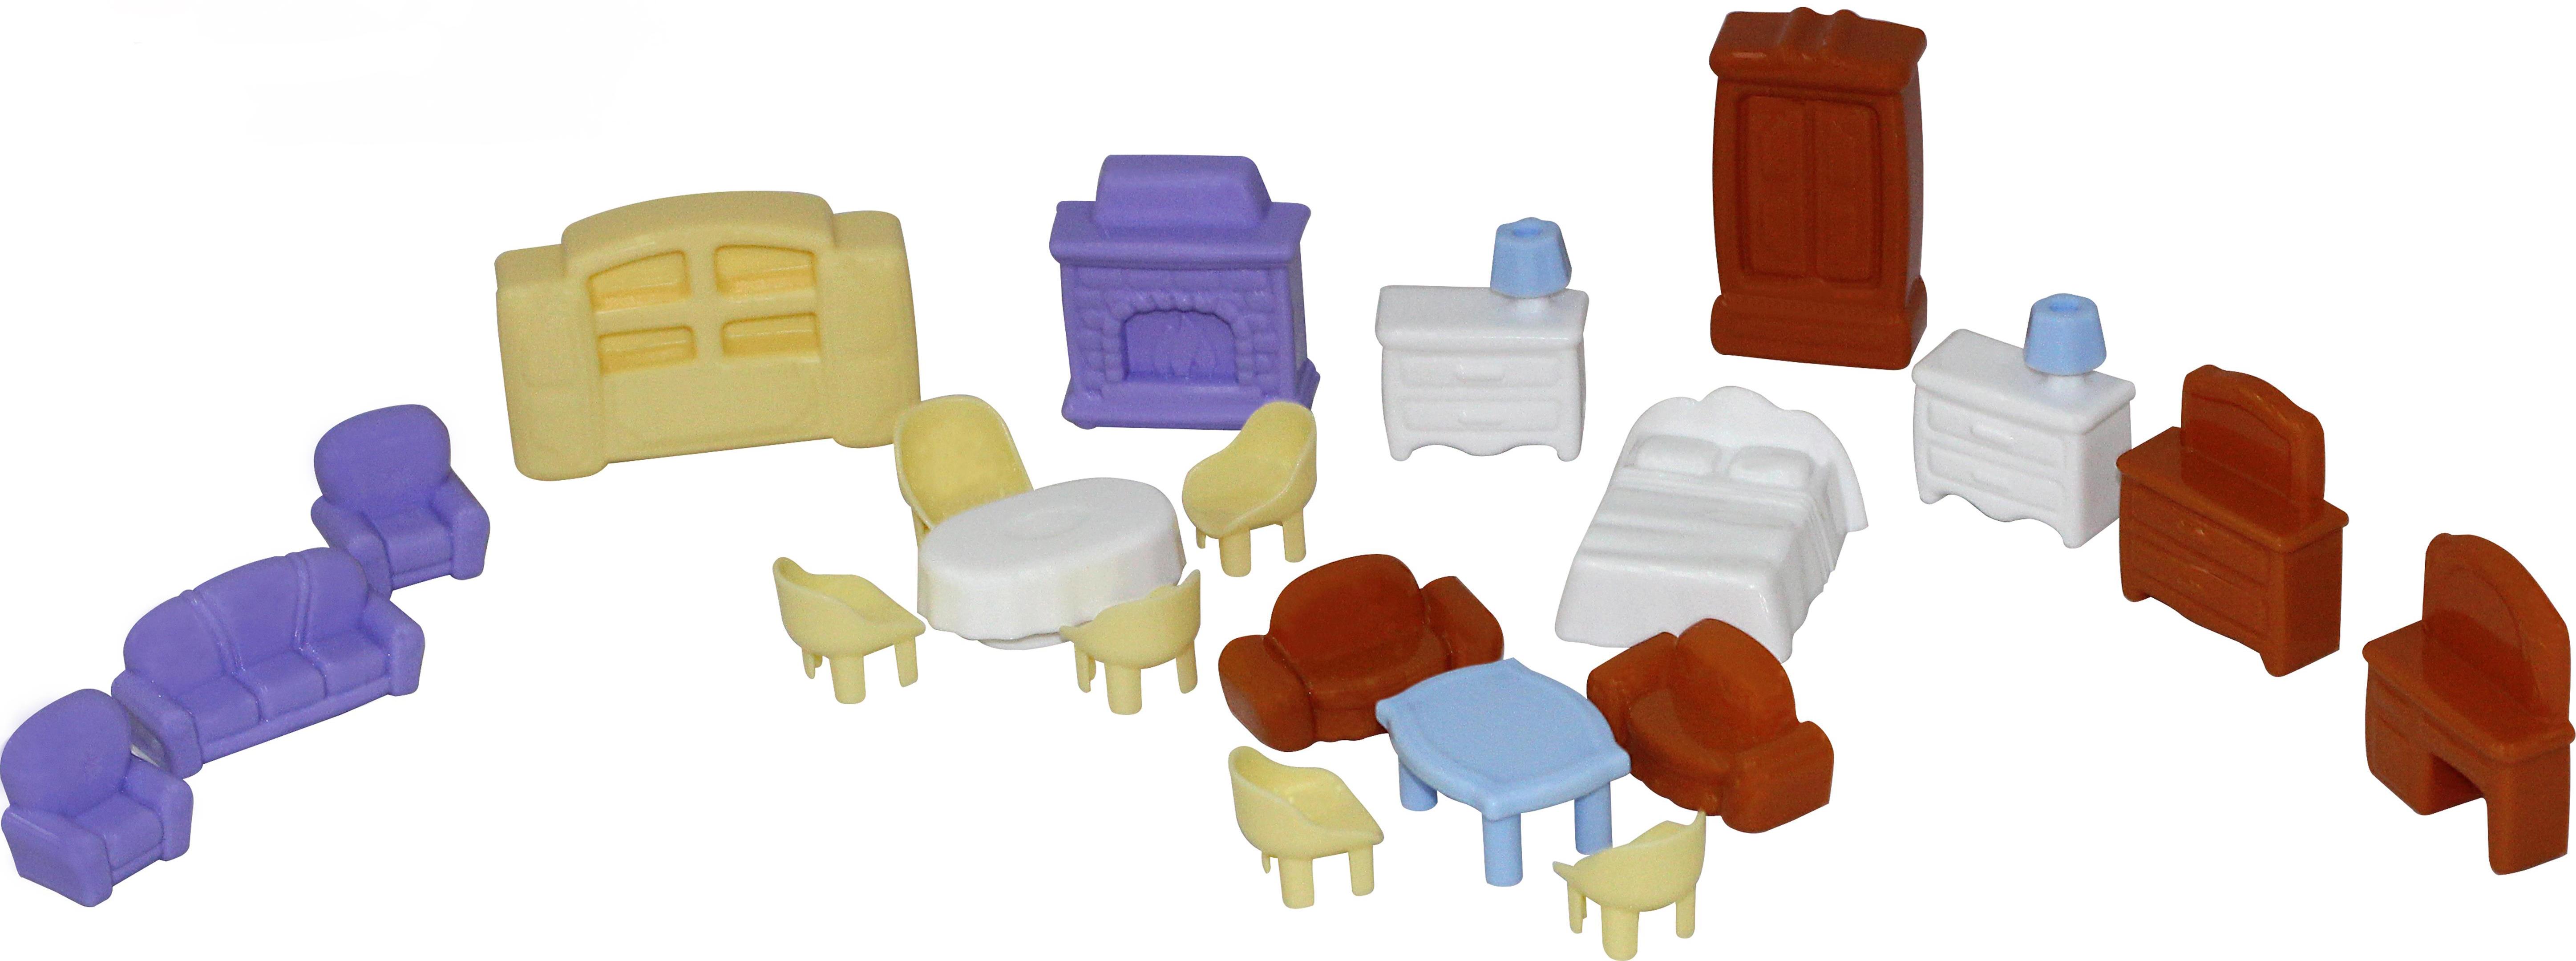 Набор мебели для кукол, 21 элементКукольные домики<br>Набор мебели для кукол, 21 элемент<br>